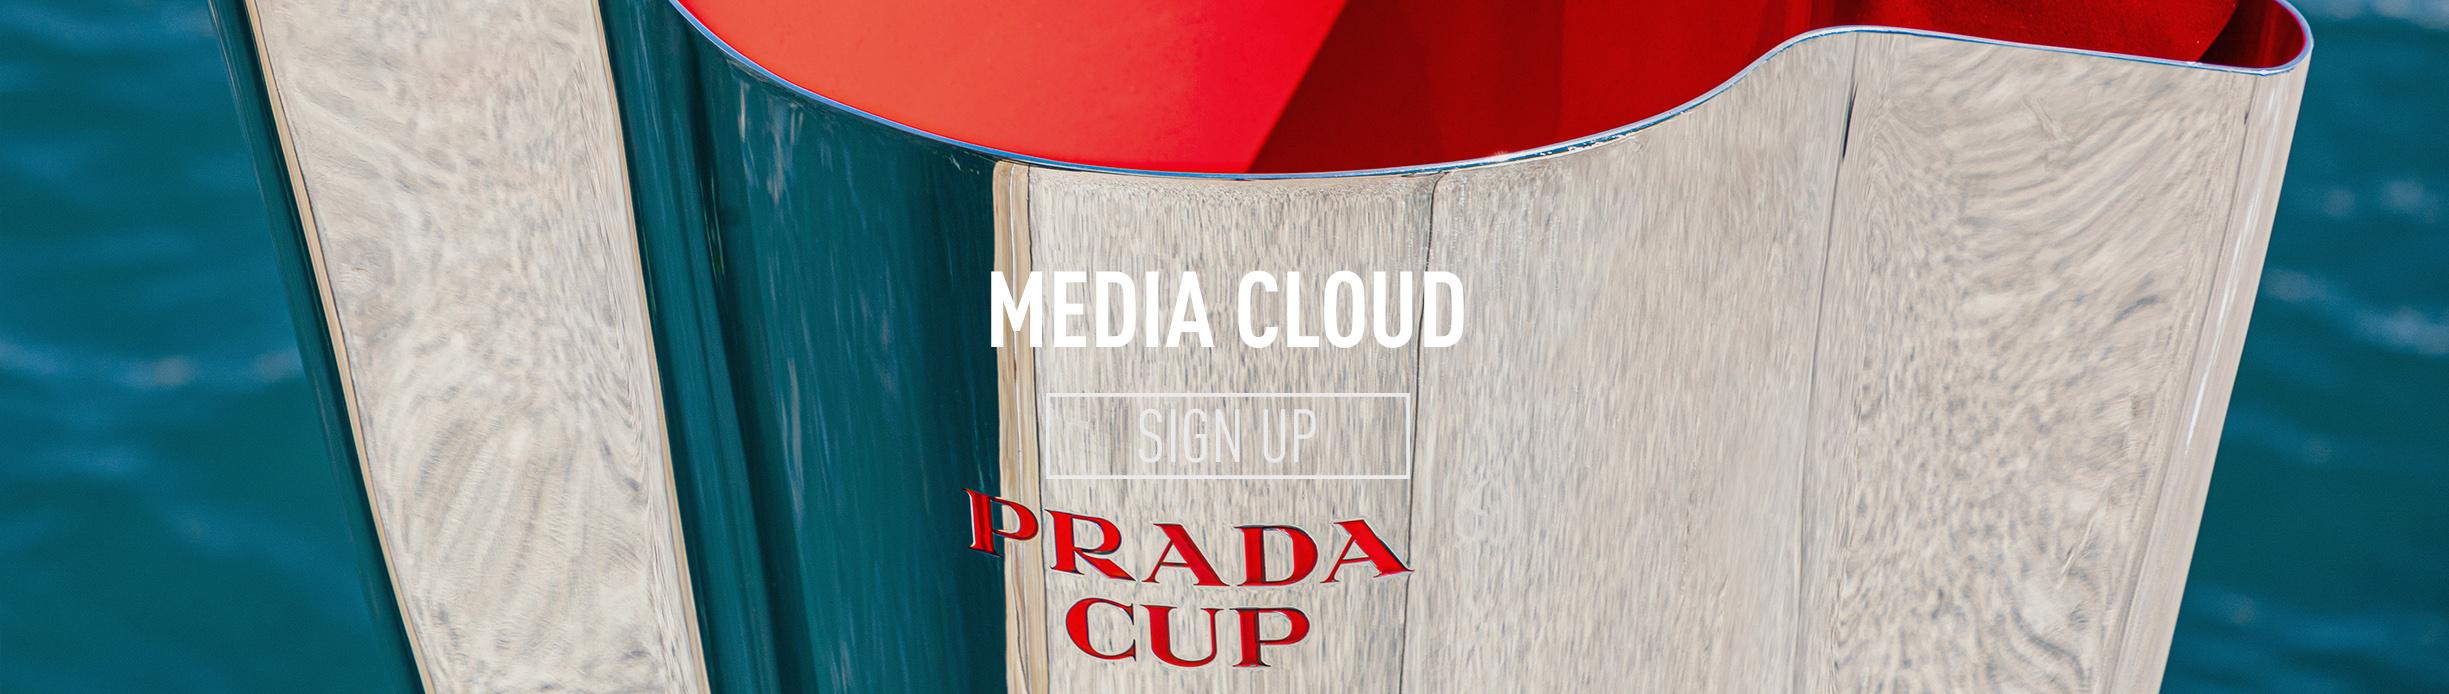 MEDIA-CLOUD.jpg